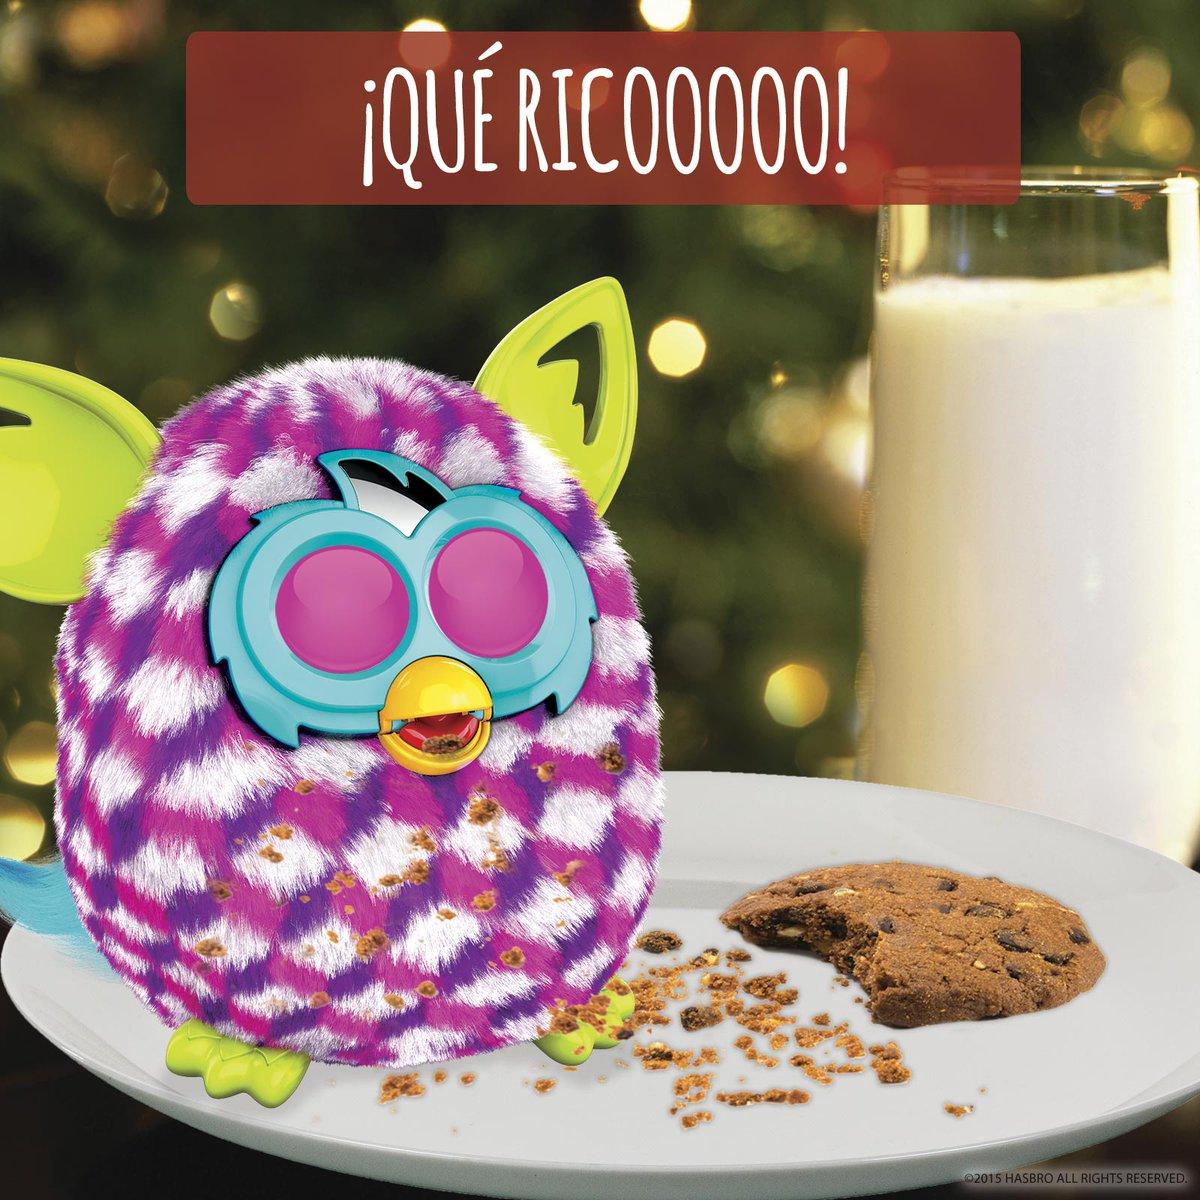 Algunos ya están comiendo los dulces típicos navideños… ¿Y vosotros? ¿Sois tan golosos como #FurbyBoom? :) https://t.co/usikUdu7XC